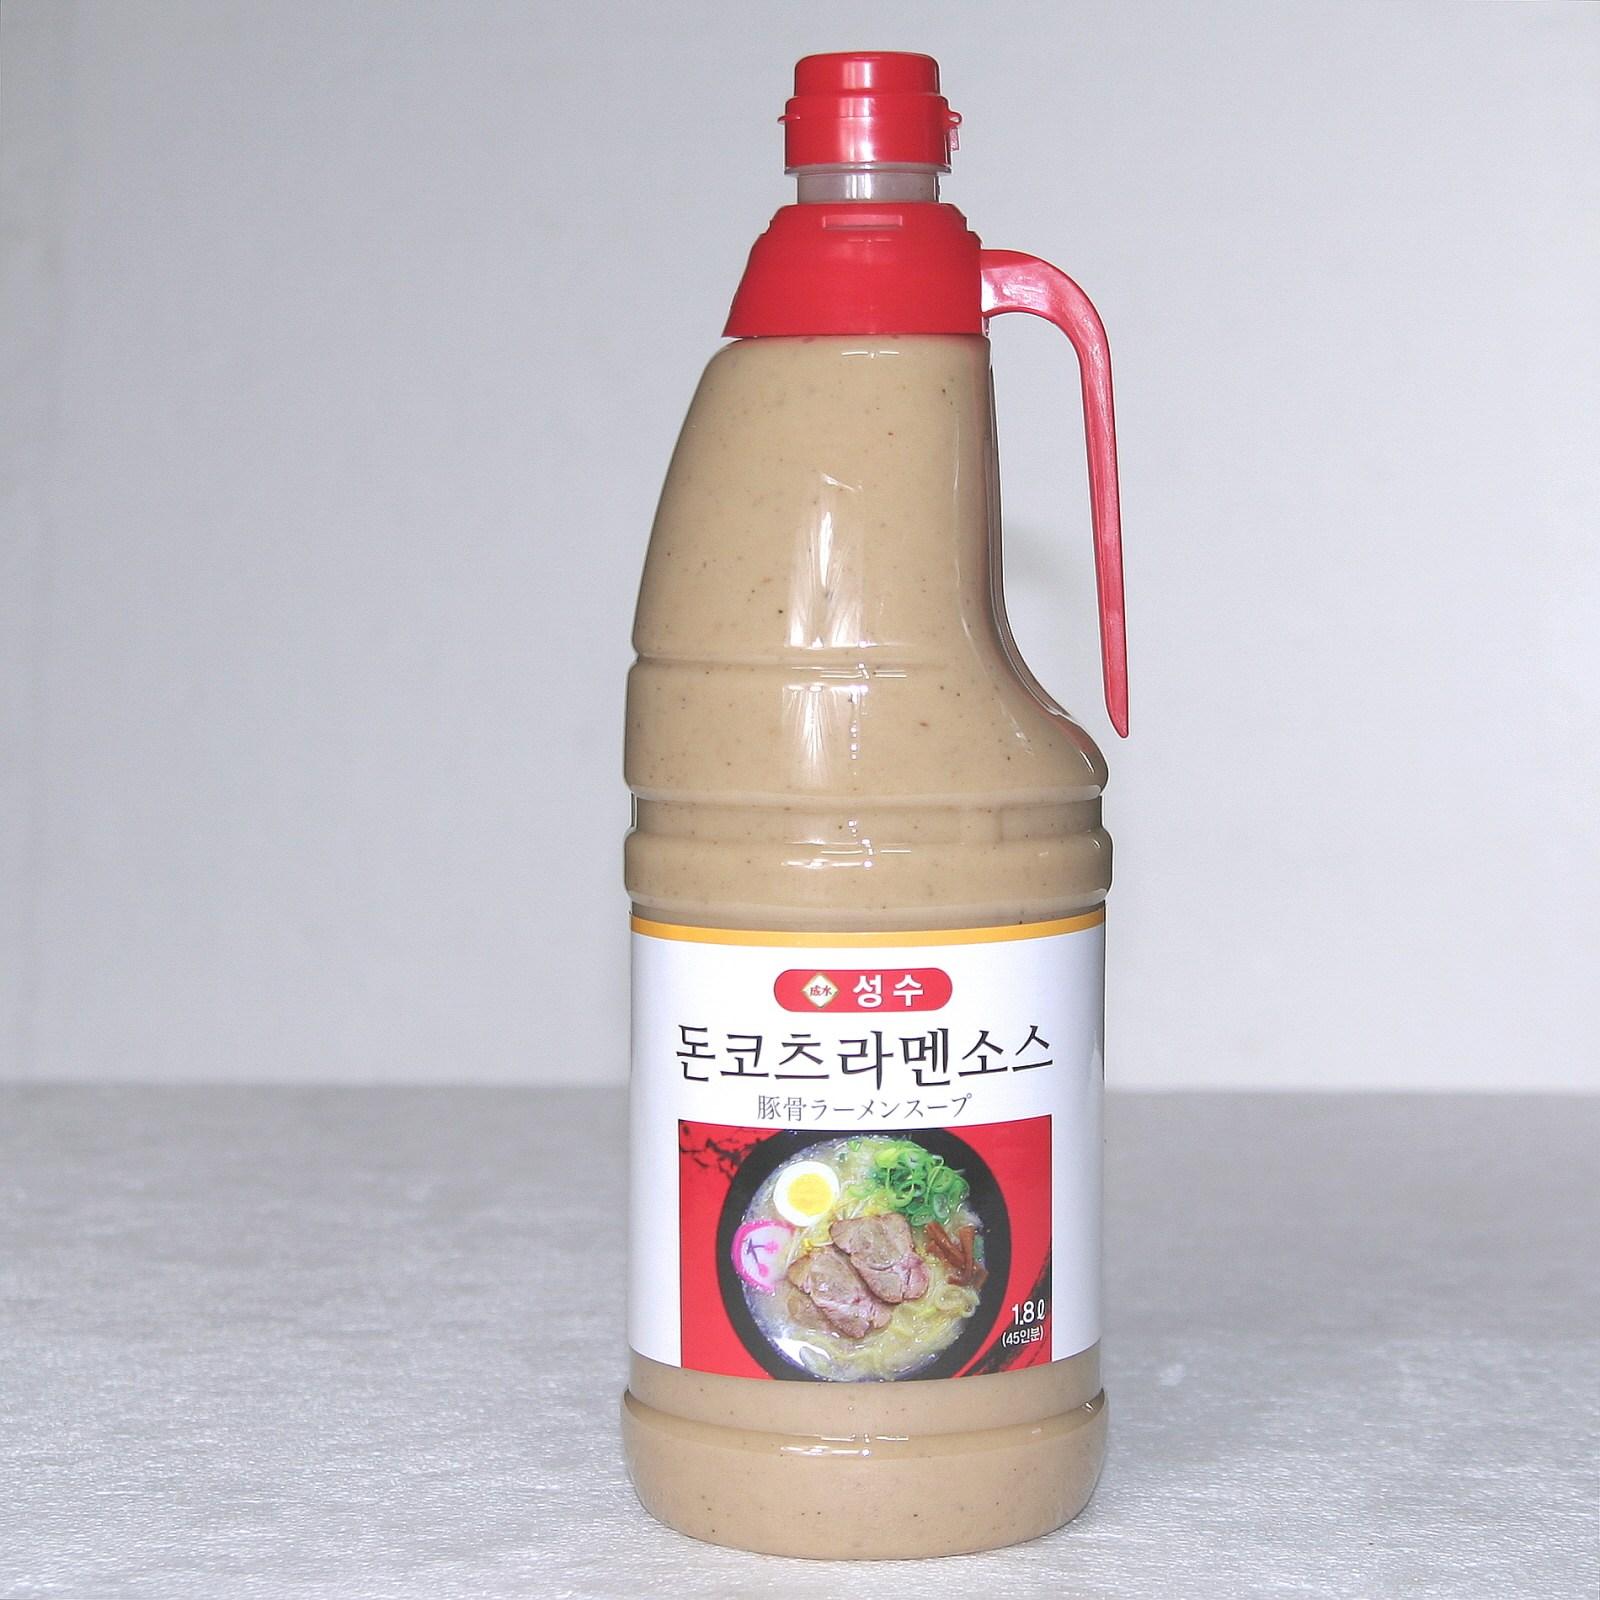 성수 성수돈코츠라멘소스 돈코츠라면스프 2kg 론칭기념특가, 1개, 1800ml